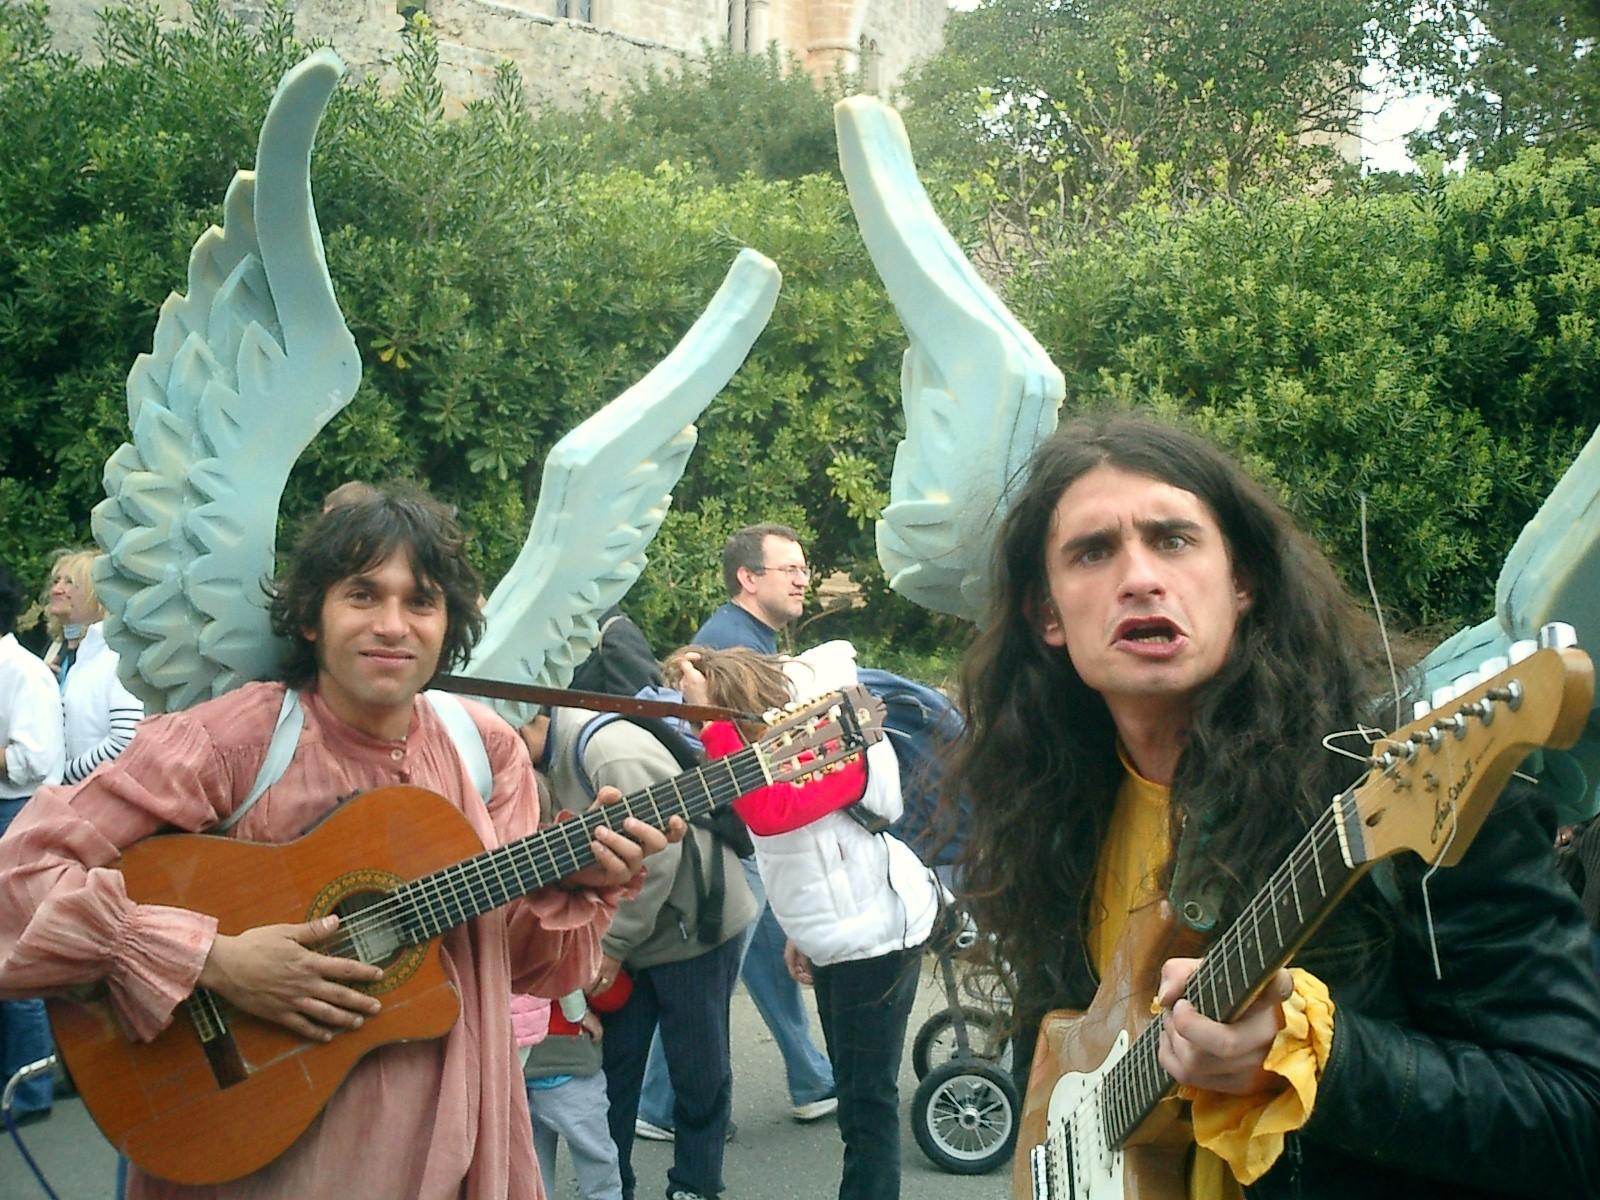 3a angels festa 2005.jpg, 616 KB